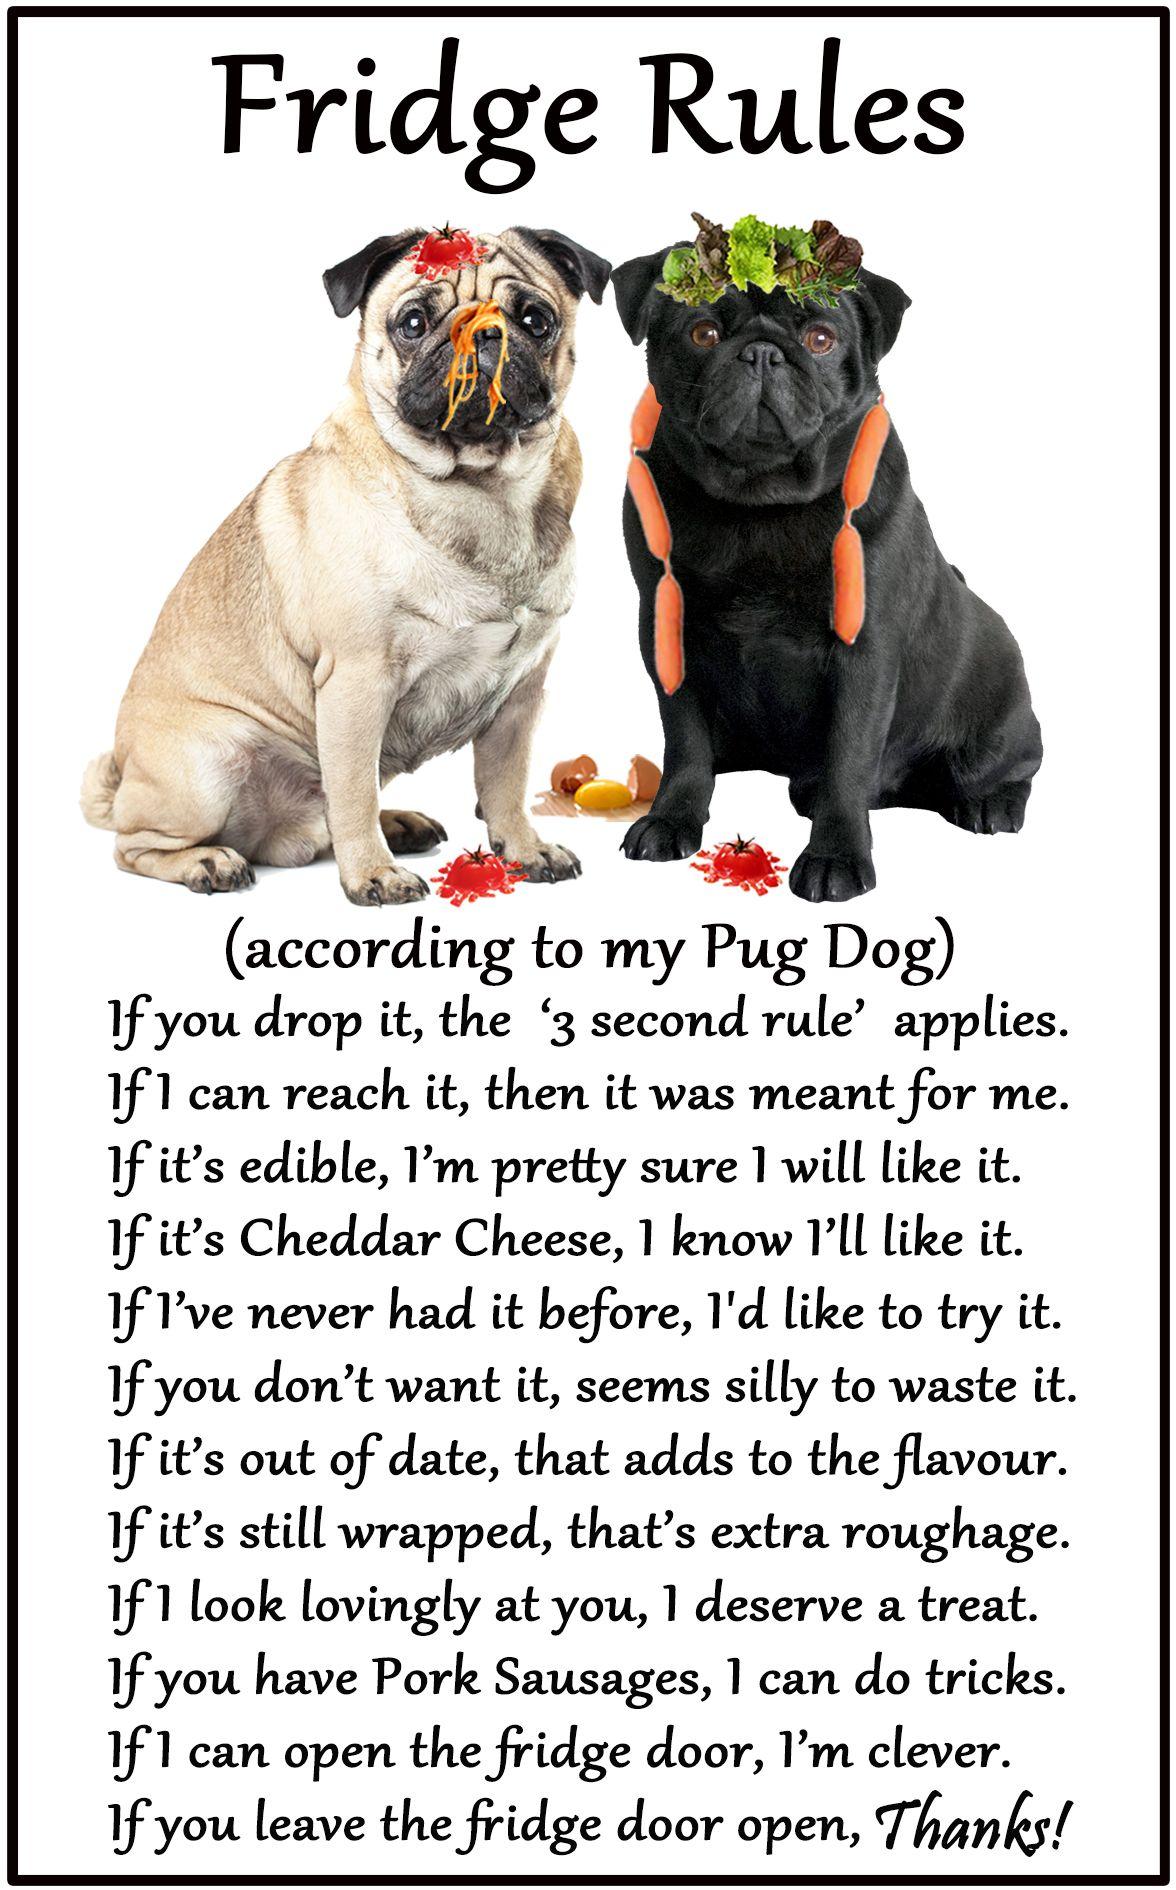 Pug Dog / Mopps Humorous Dog Fridge Rules. Size